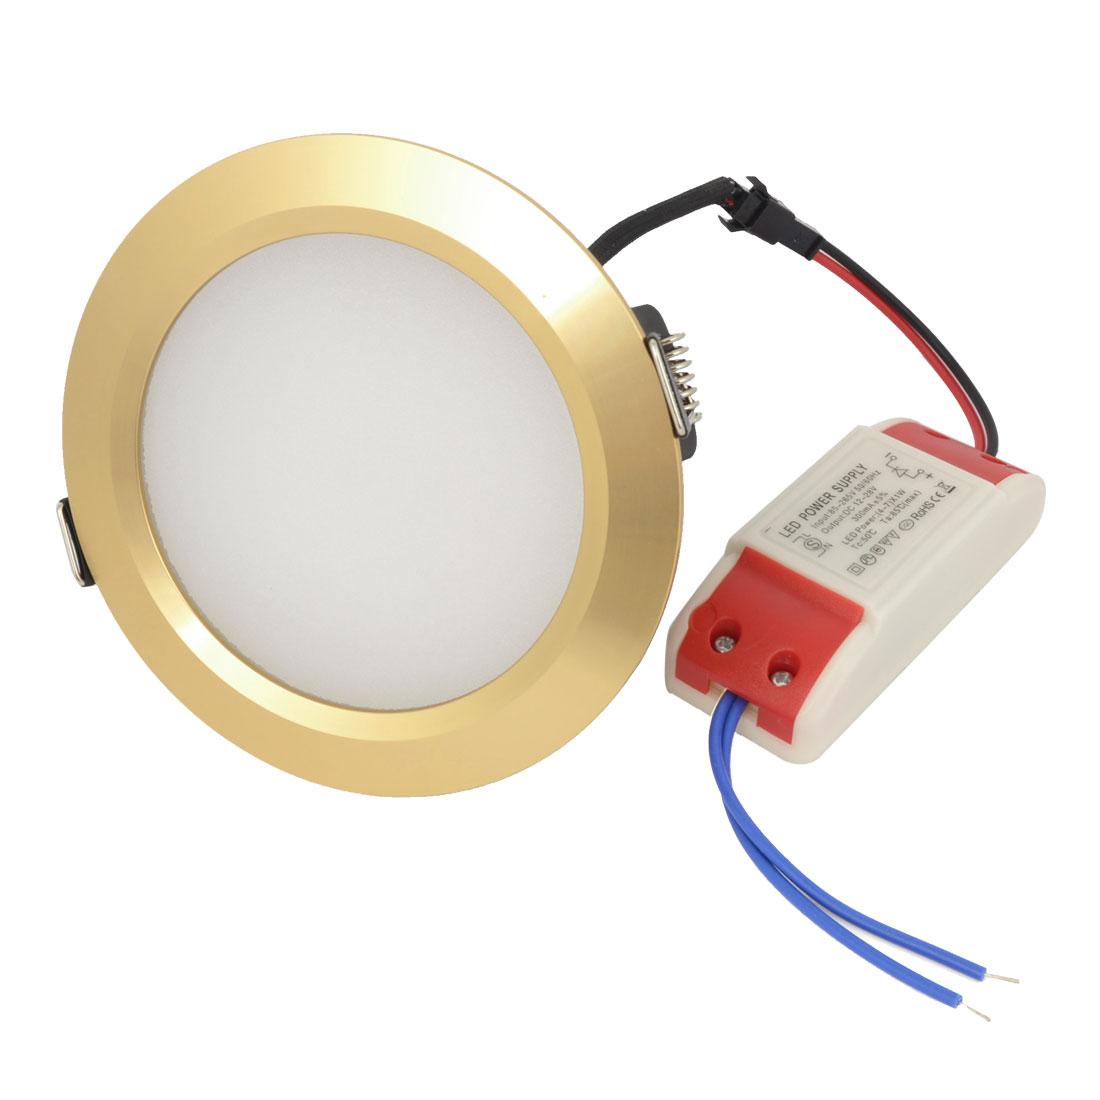 White 7W 14 LEDs Energy Saving Ceiling Down Light AC 85-265V 300mA